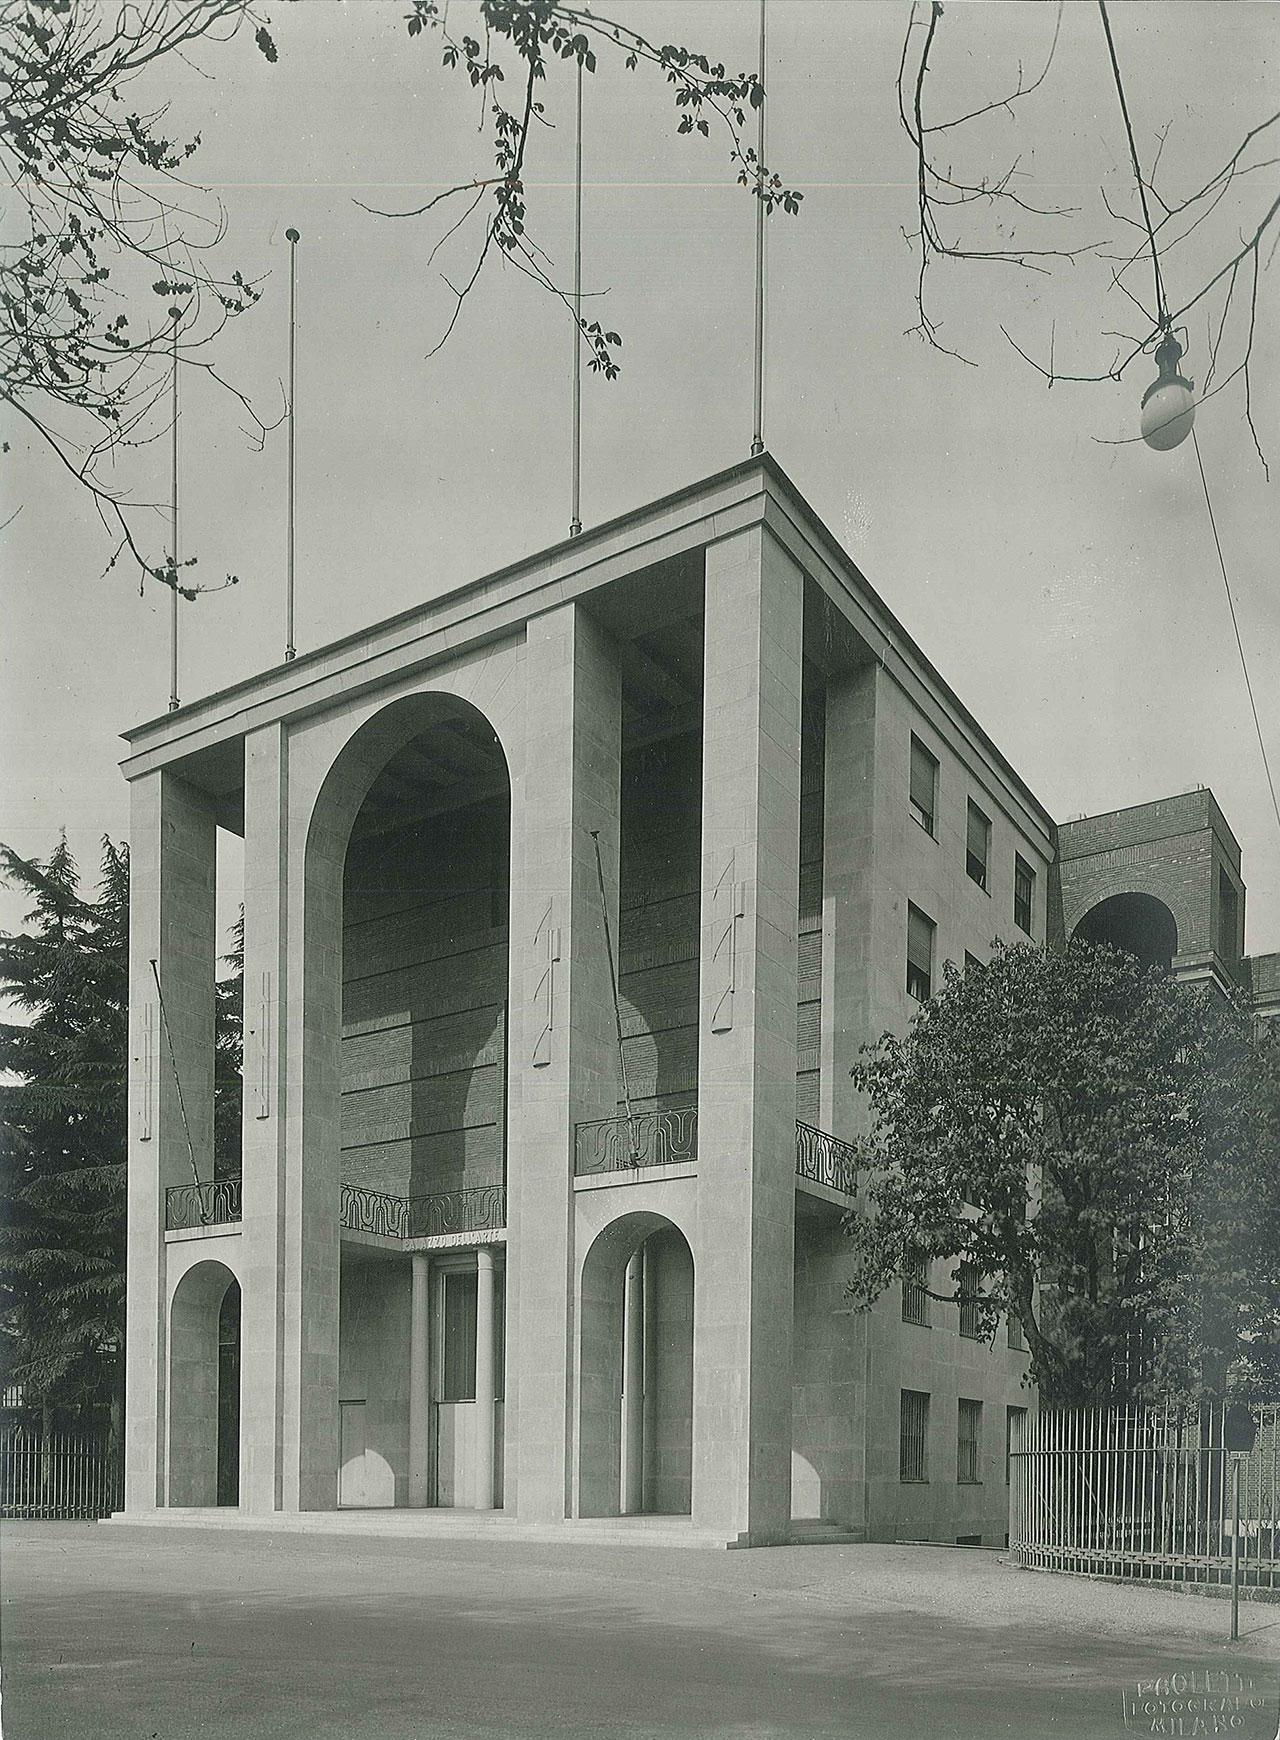 Giovanni Muzio, Palazzo dell'Arte (Fondazione Bernocchi), 1933. Photographic print, 16 x 22 cm. Photographic Studio A. Paoletti, Muzio archive © Muzio archive.